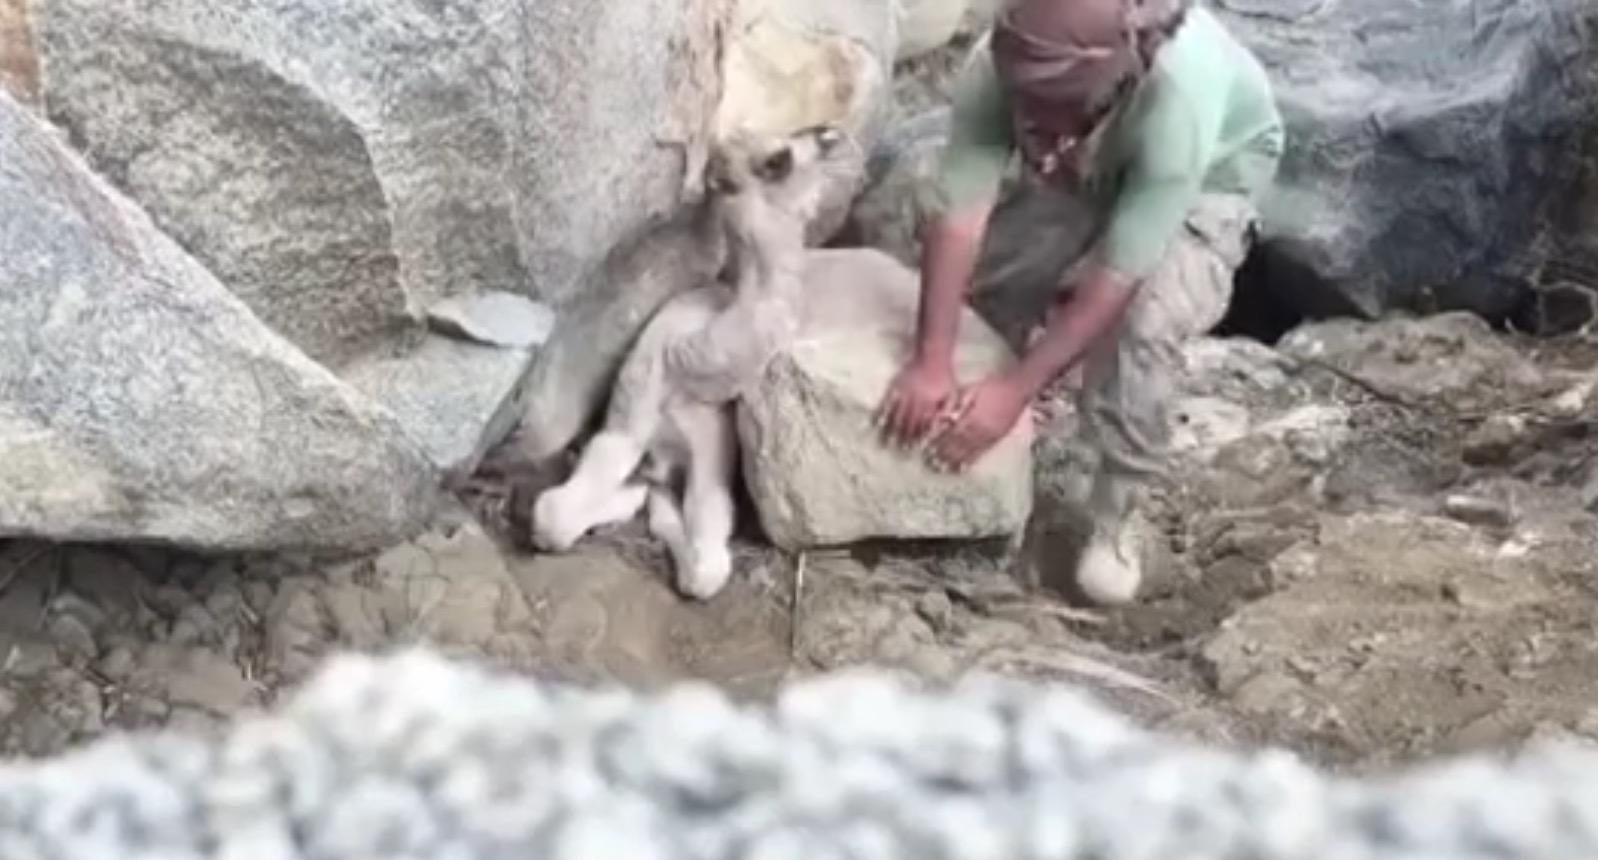 岩に挟まれ哭く我が子を前に何もできない母ラクダ。男性が助けてあげると、、